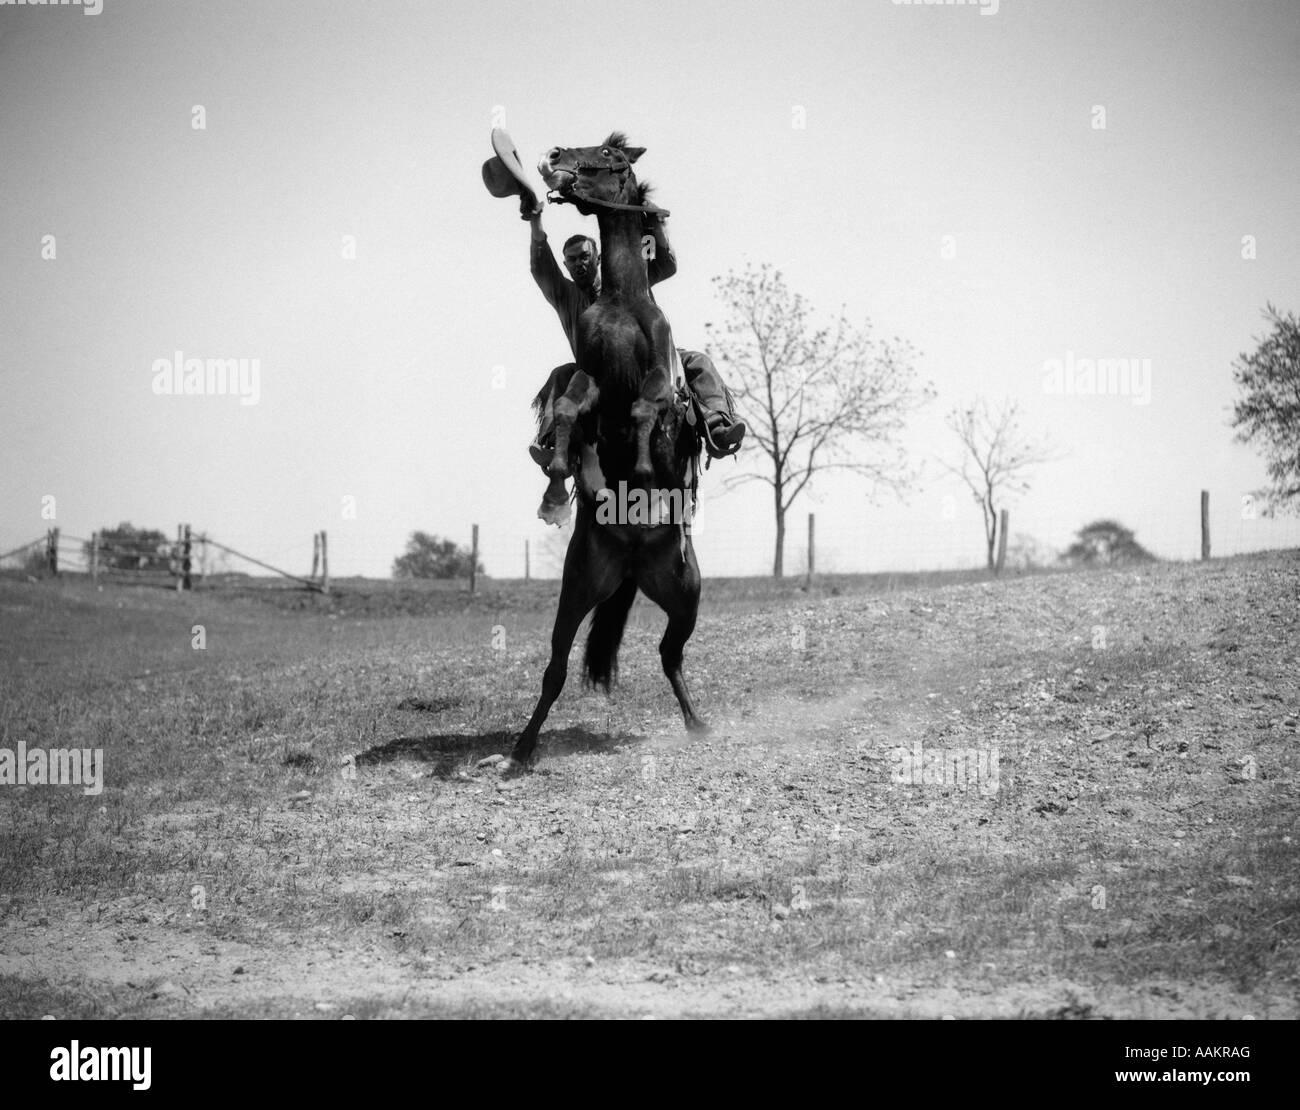 1920 1930 vaquero en su caballo LEVANTÁNDOSE HOMBRE agitando el sombrero en la mano Foto de stock